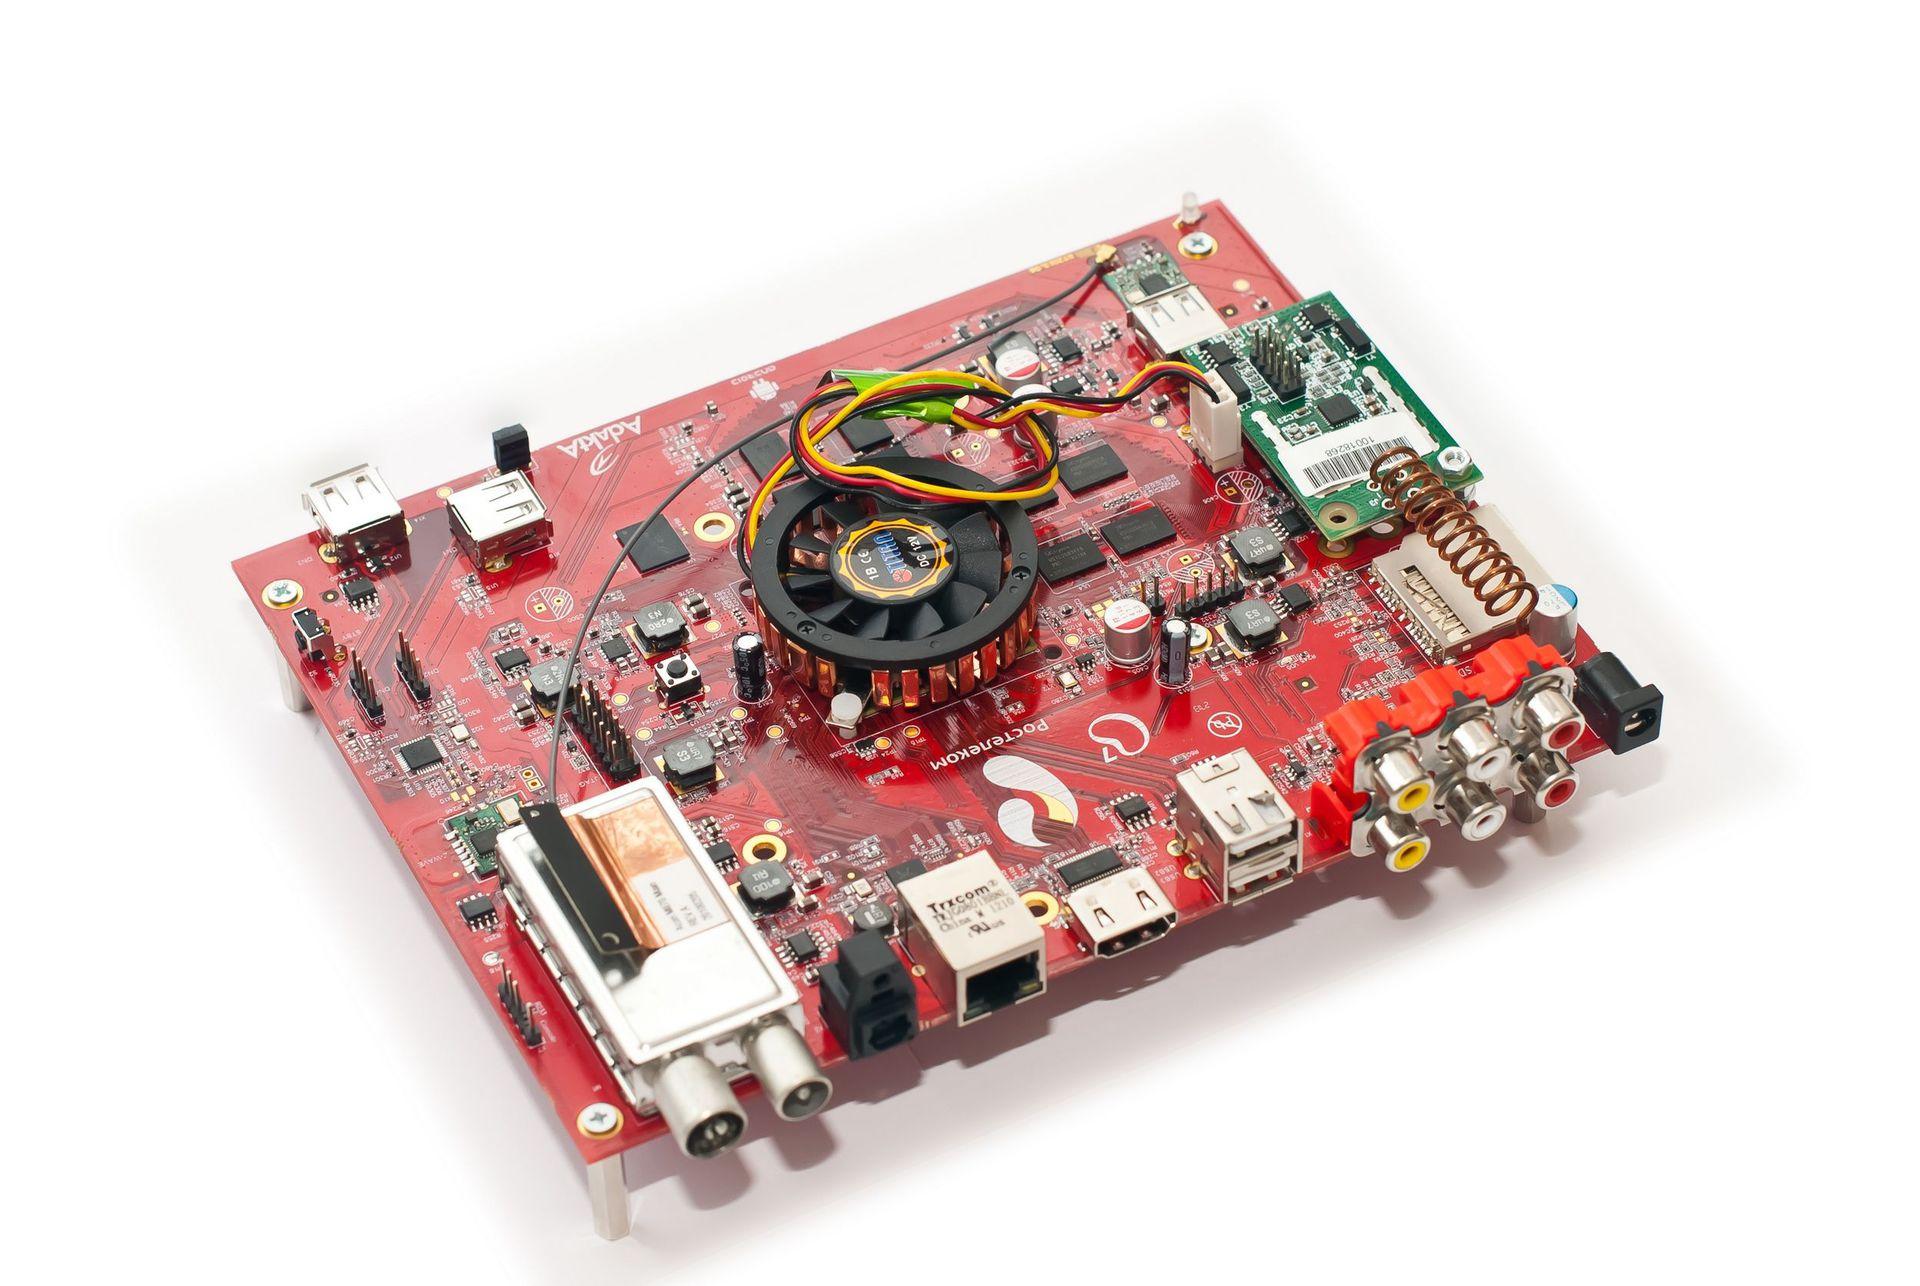 Ручной монтаж сложных плат на компонентах 0402, 0603, QFN, LQFP и THT